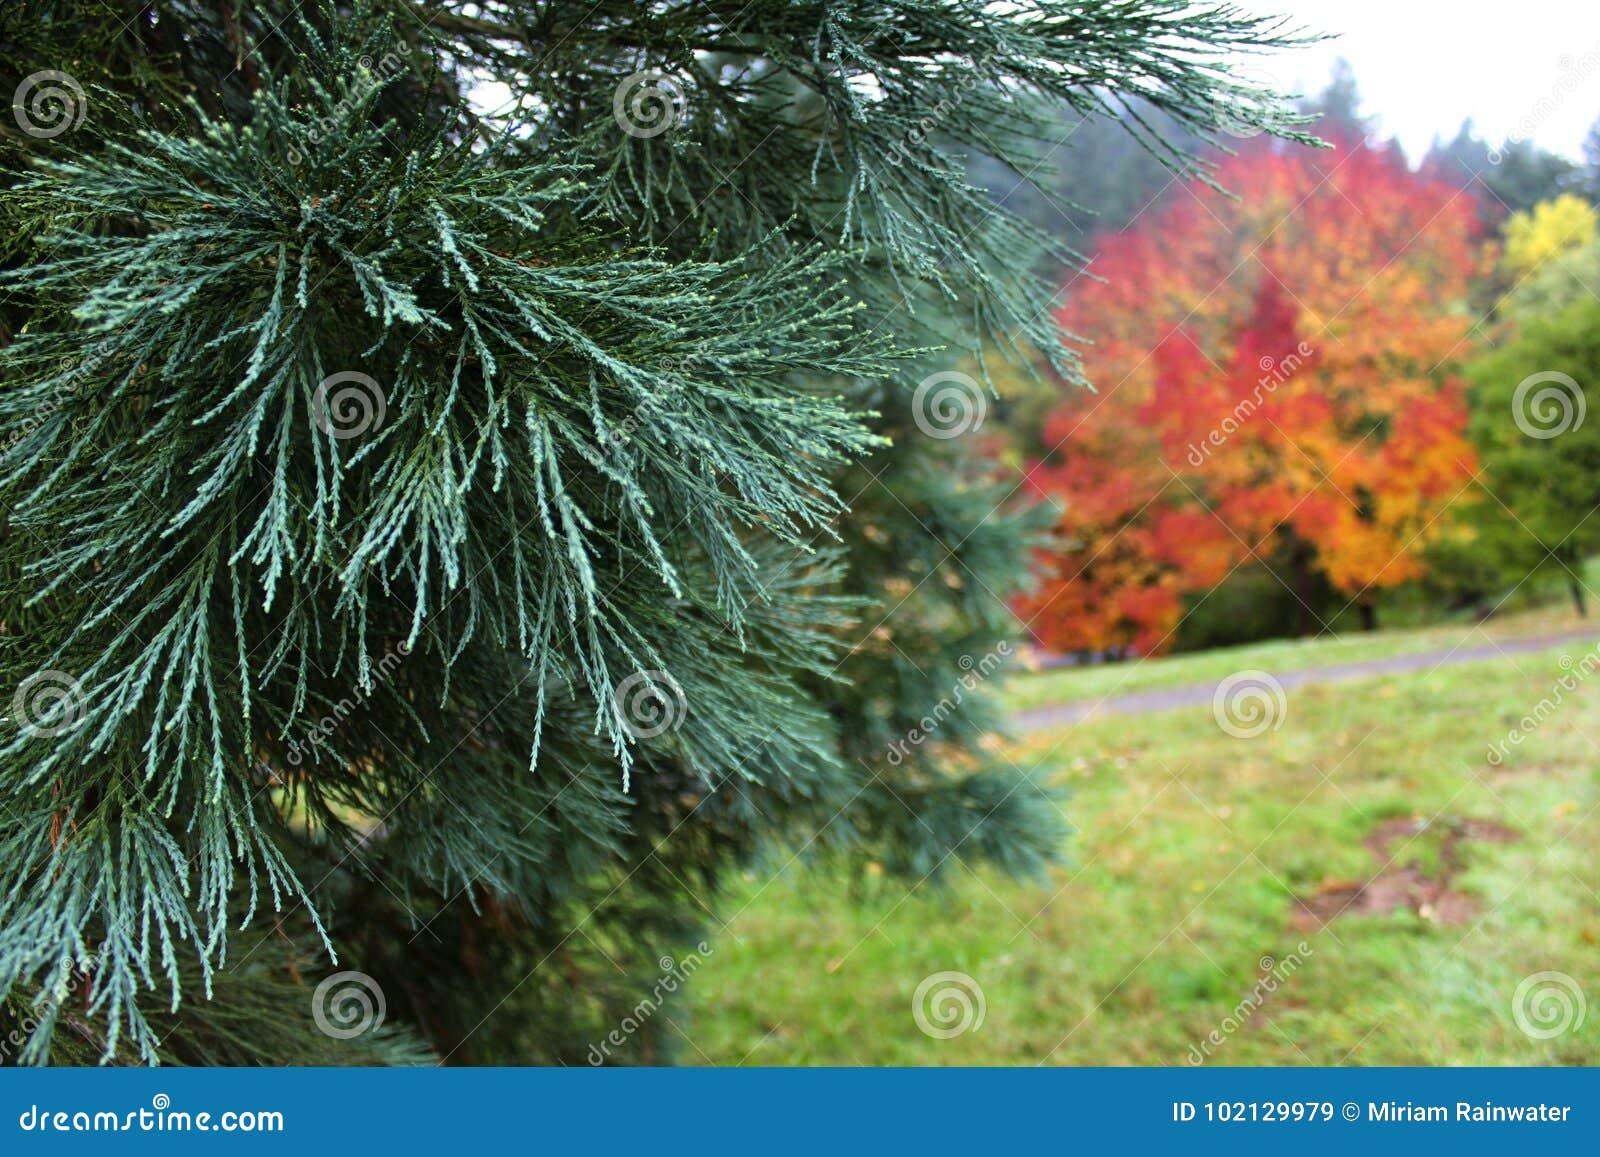 Aboretum in Autumn